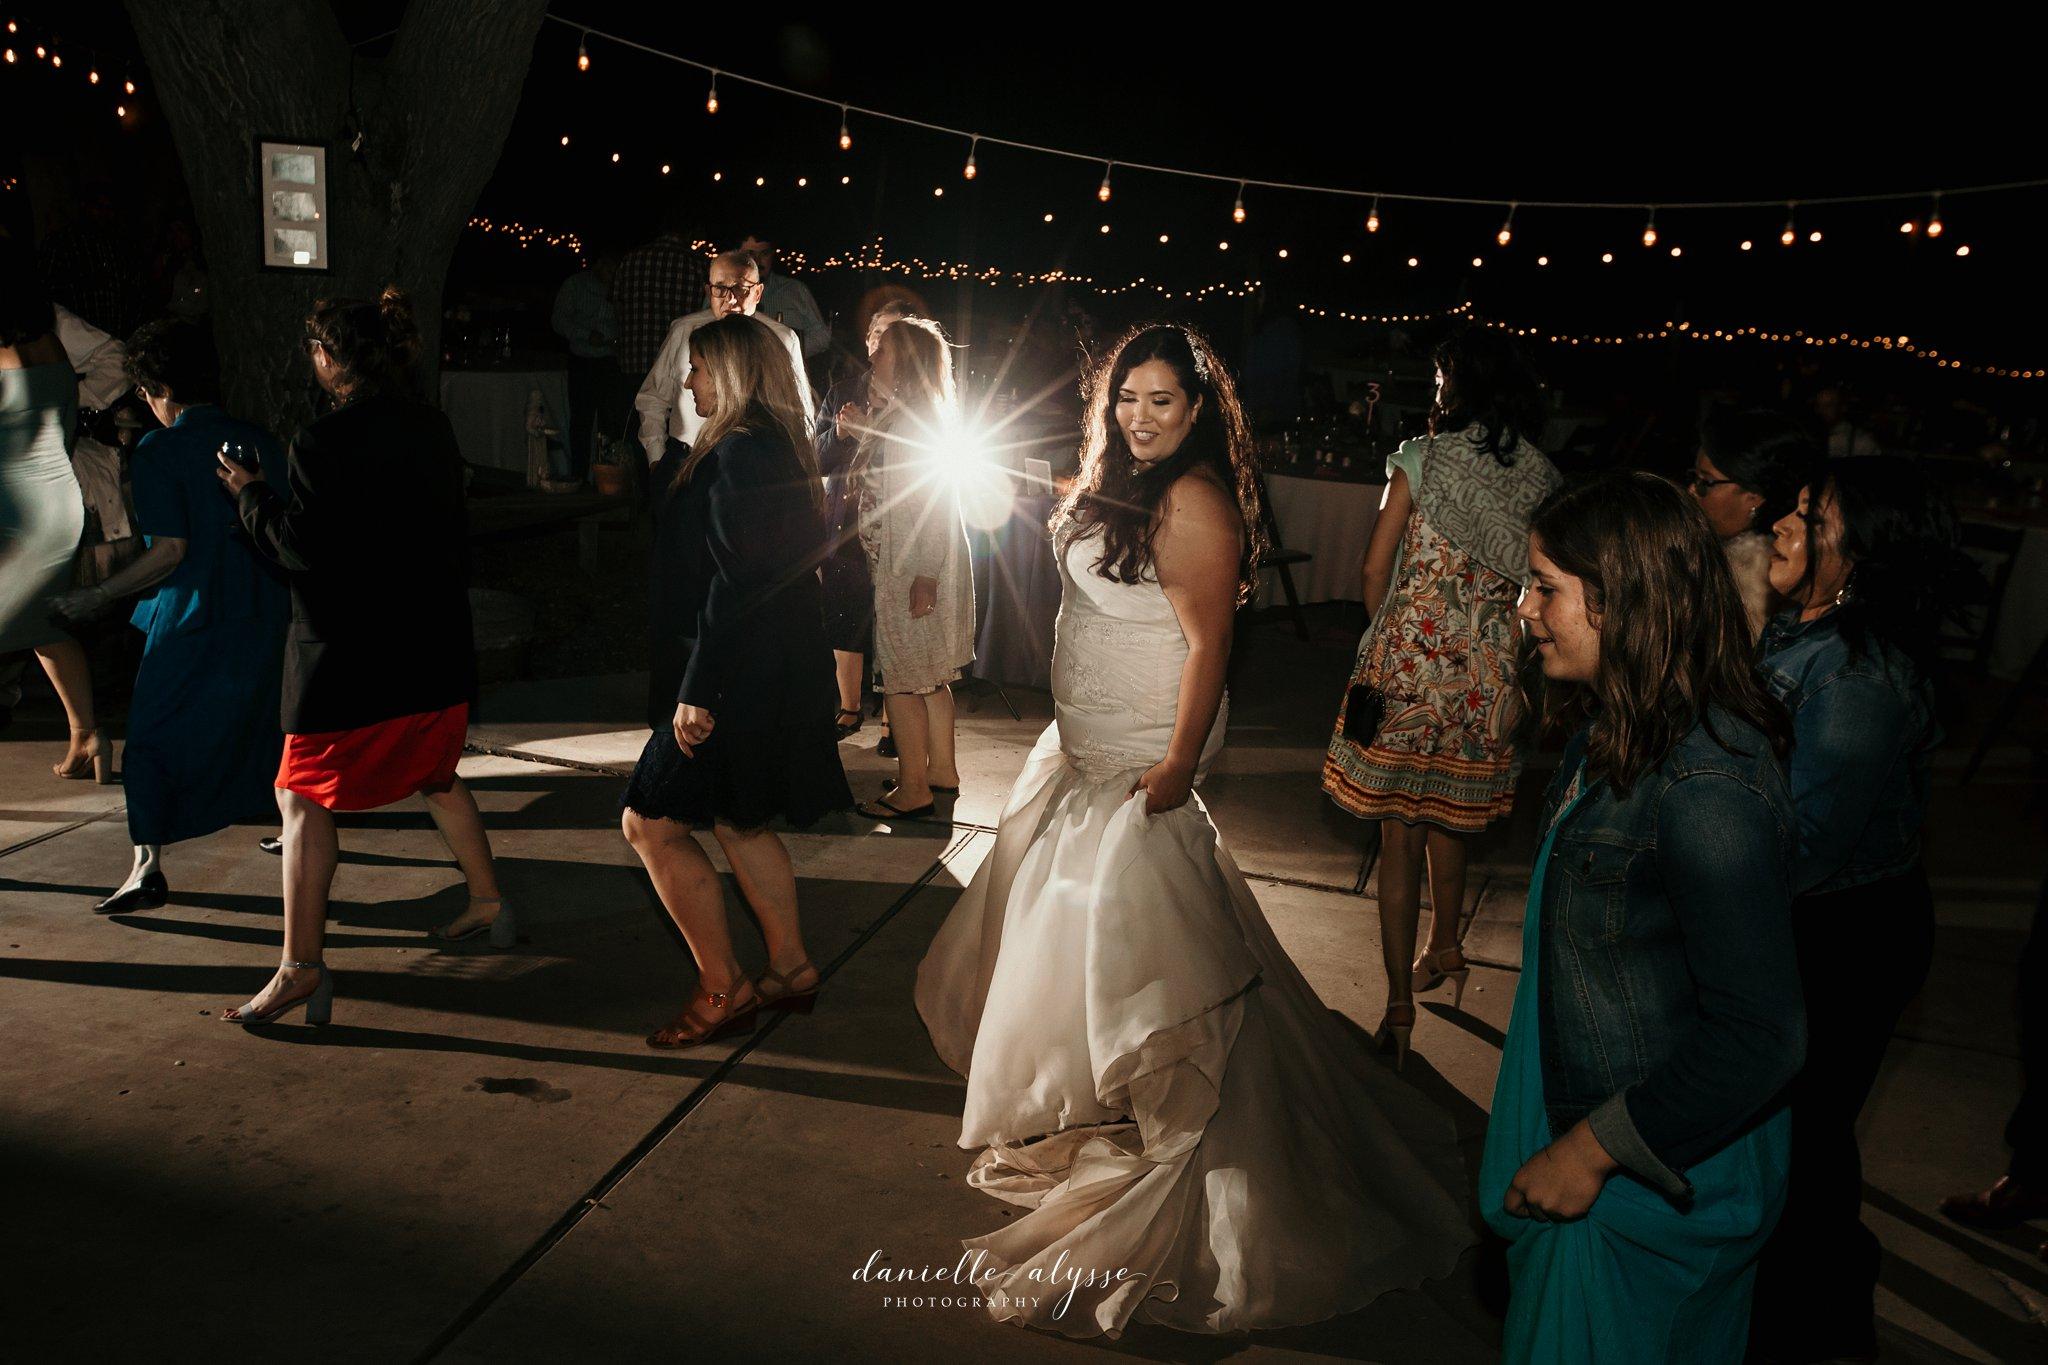 180630_wedding_lily_ryan_mission_soledad_california_danielle_alysse_photography_blog_1282_WEB.jpg